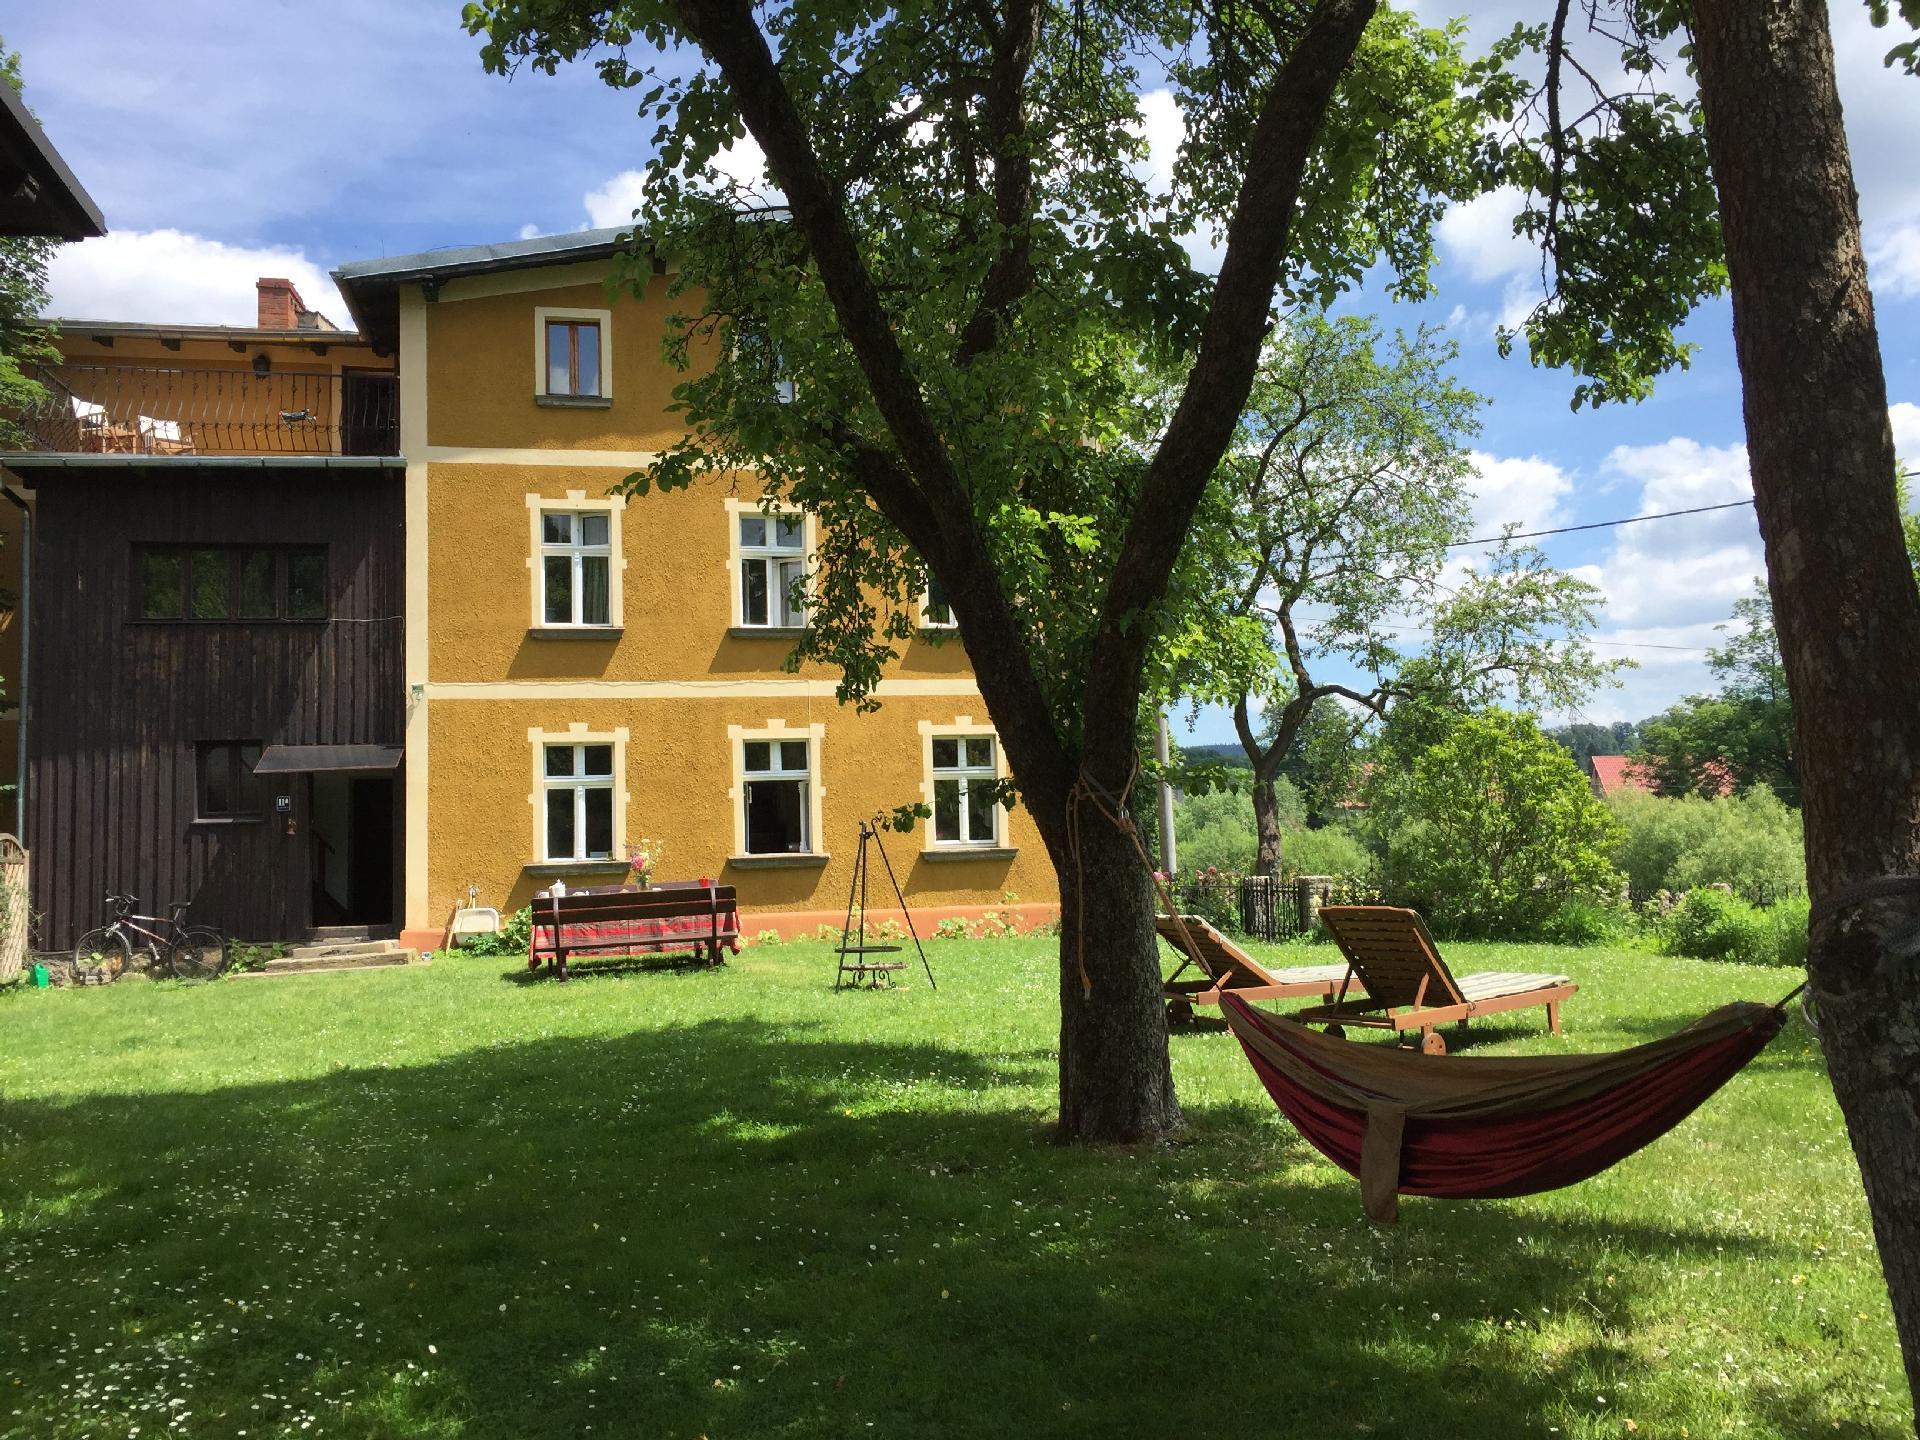 Ferienhaus für 11 Personen ca. 300 m² in  in Polen